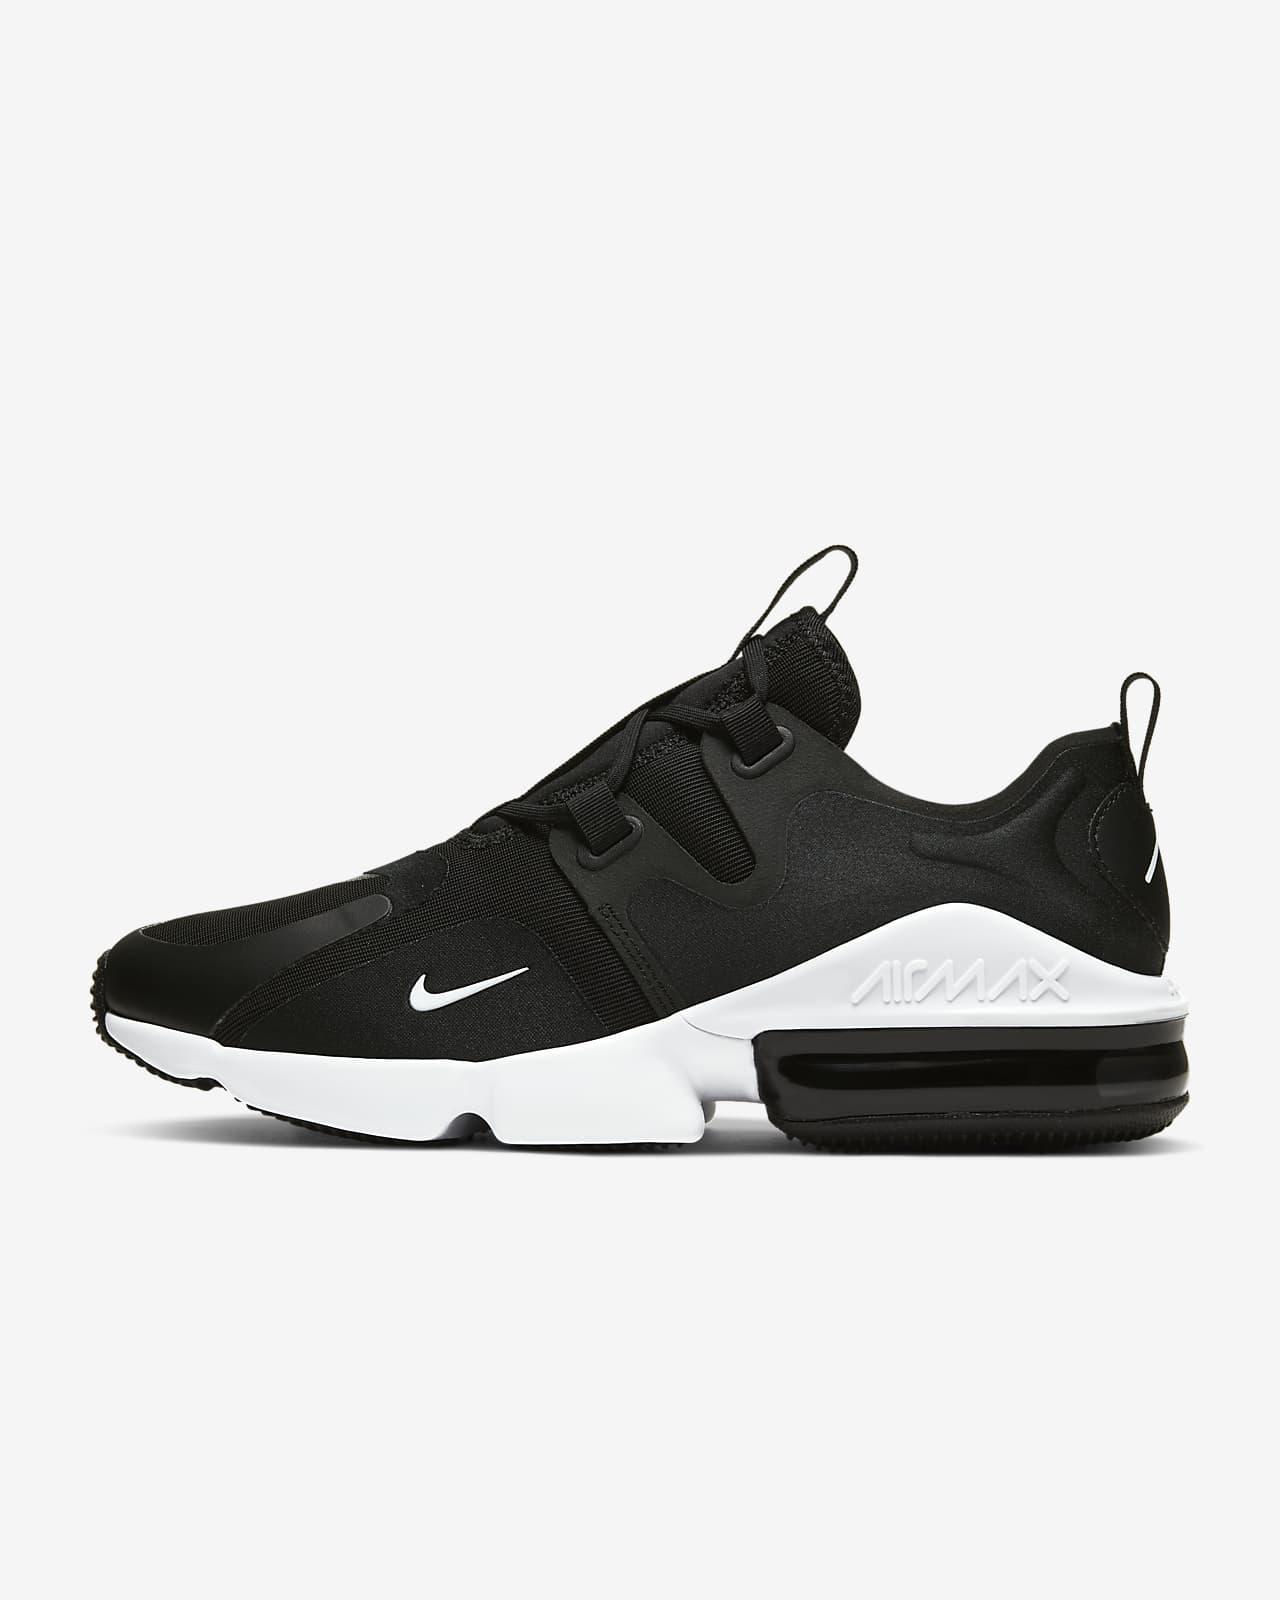 Nike Air Max Infinity Men's Shoes